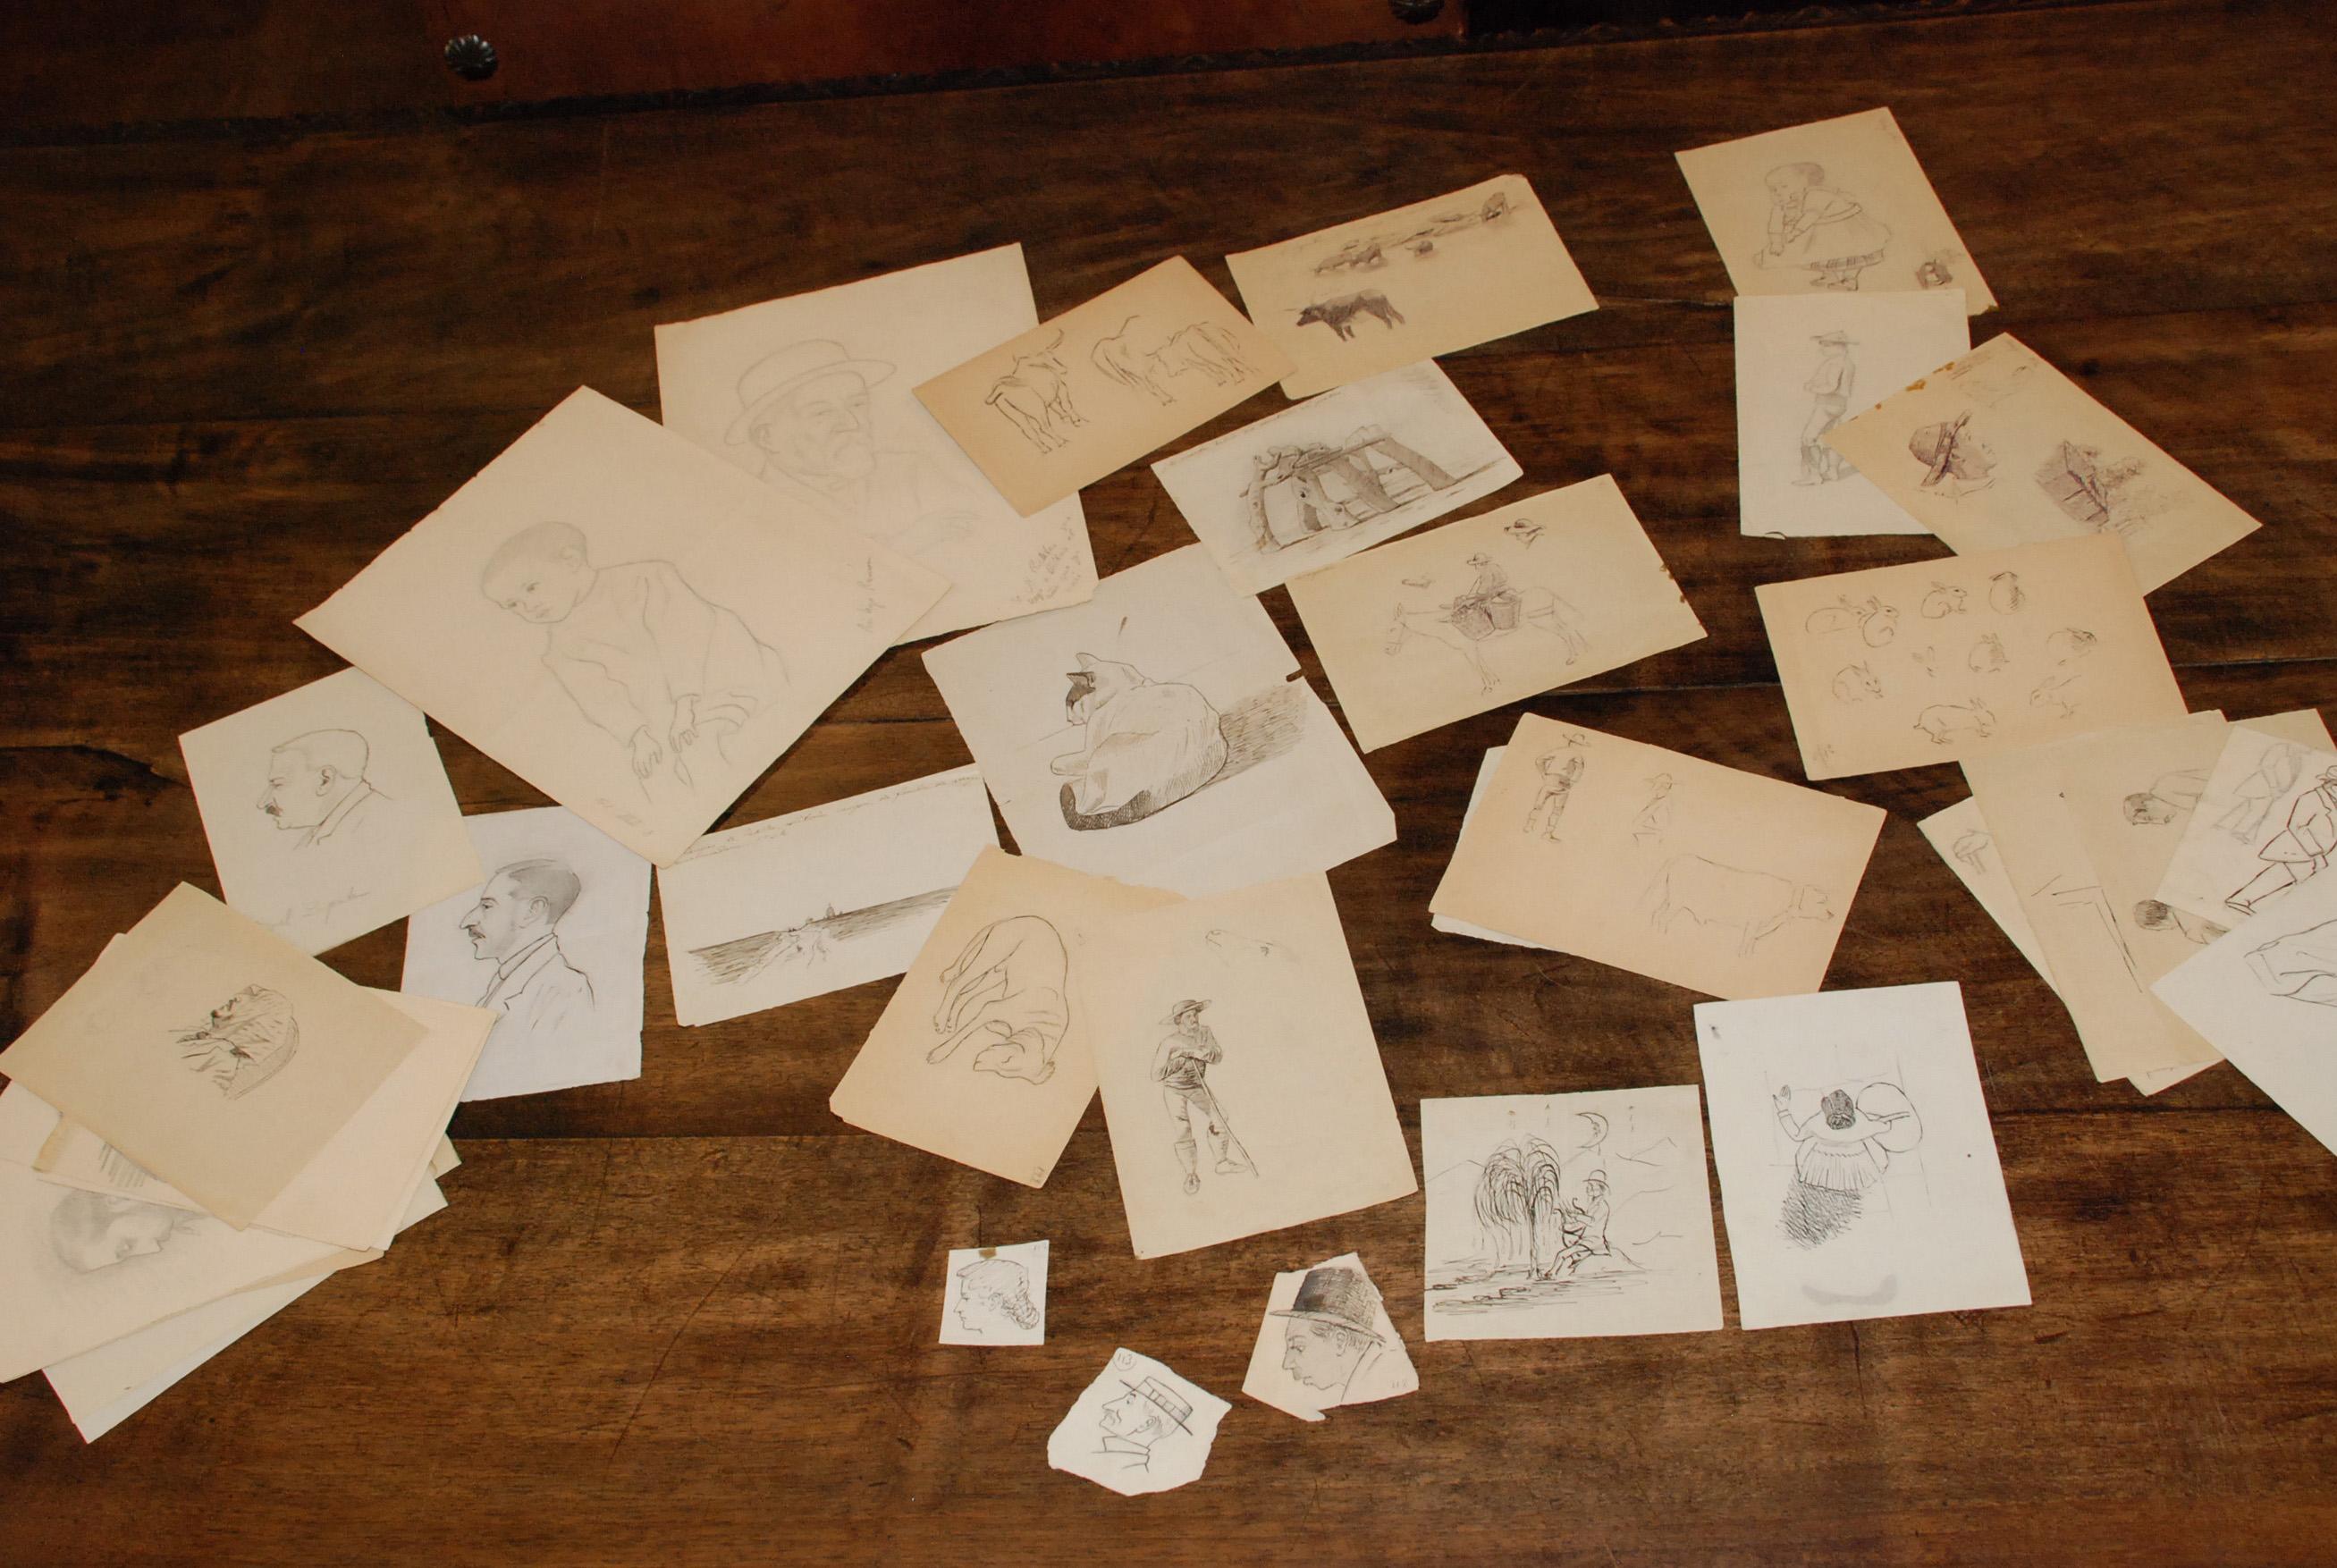 Dibujos inéditos de Unamuno